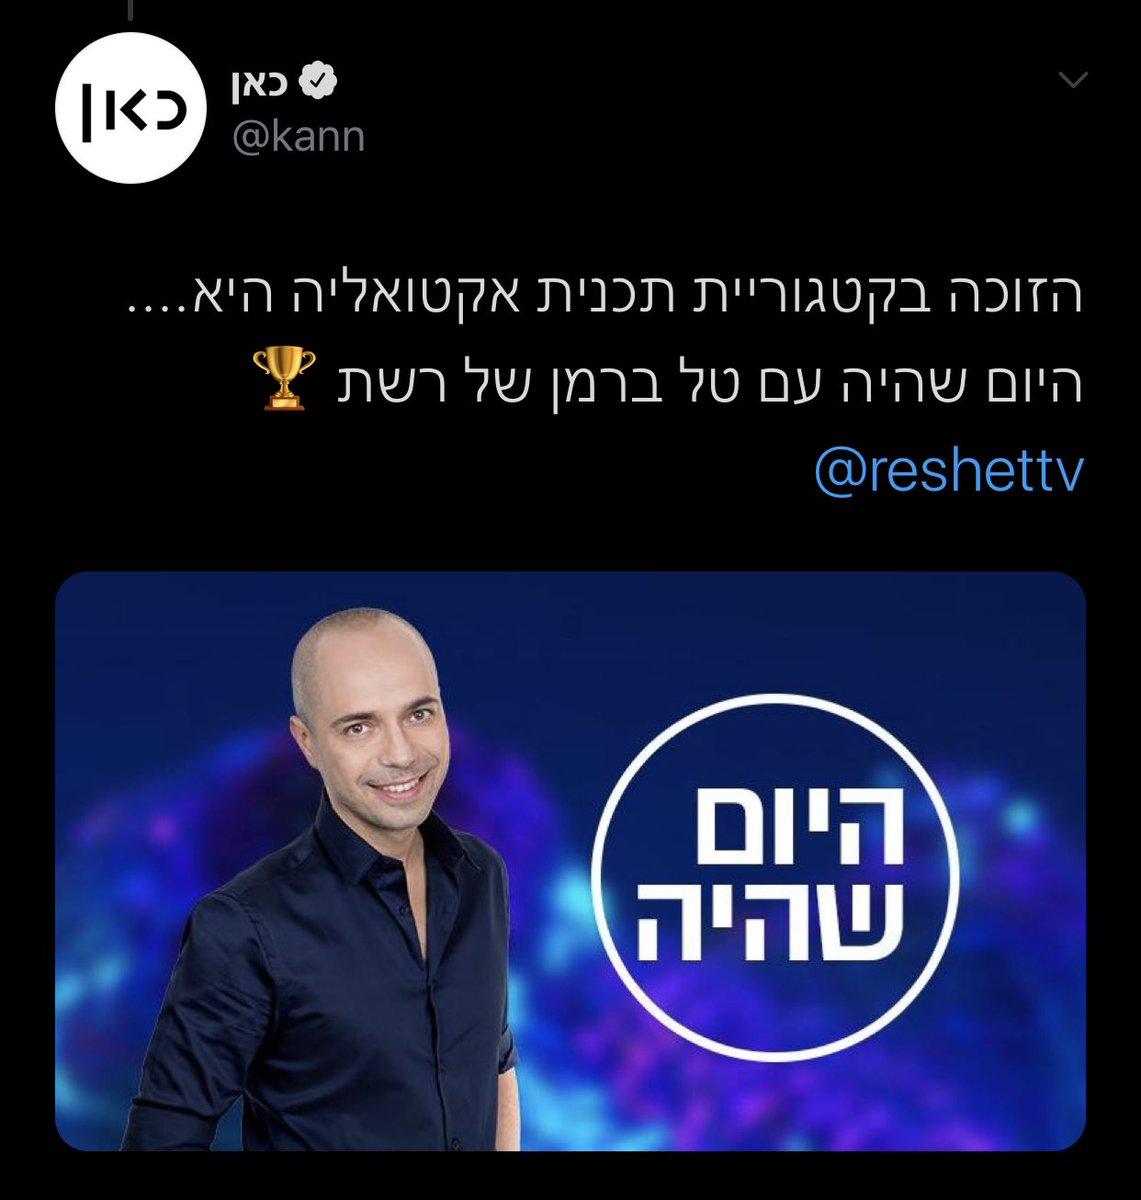 תודה רבה למי שבחר, מעריך את זה מאוד. תודה אדירה ל-@avico21. גאה להיות חלק מ-@newsisrael13!